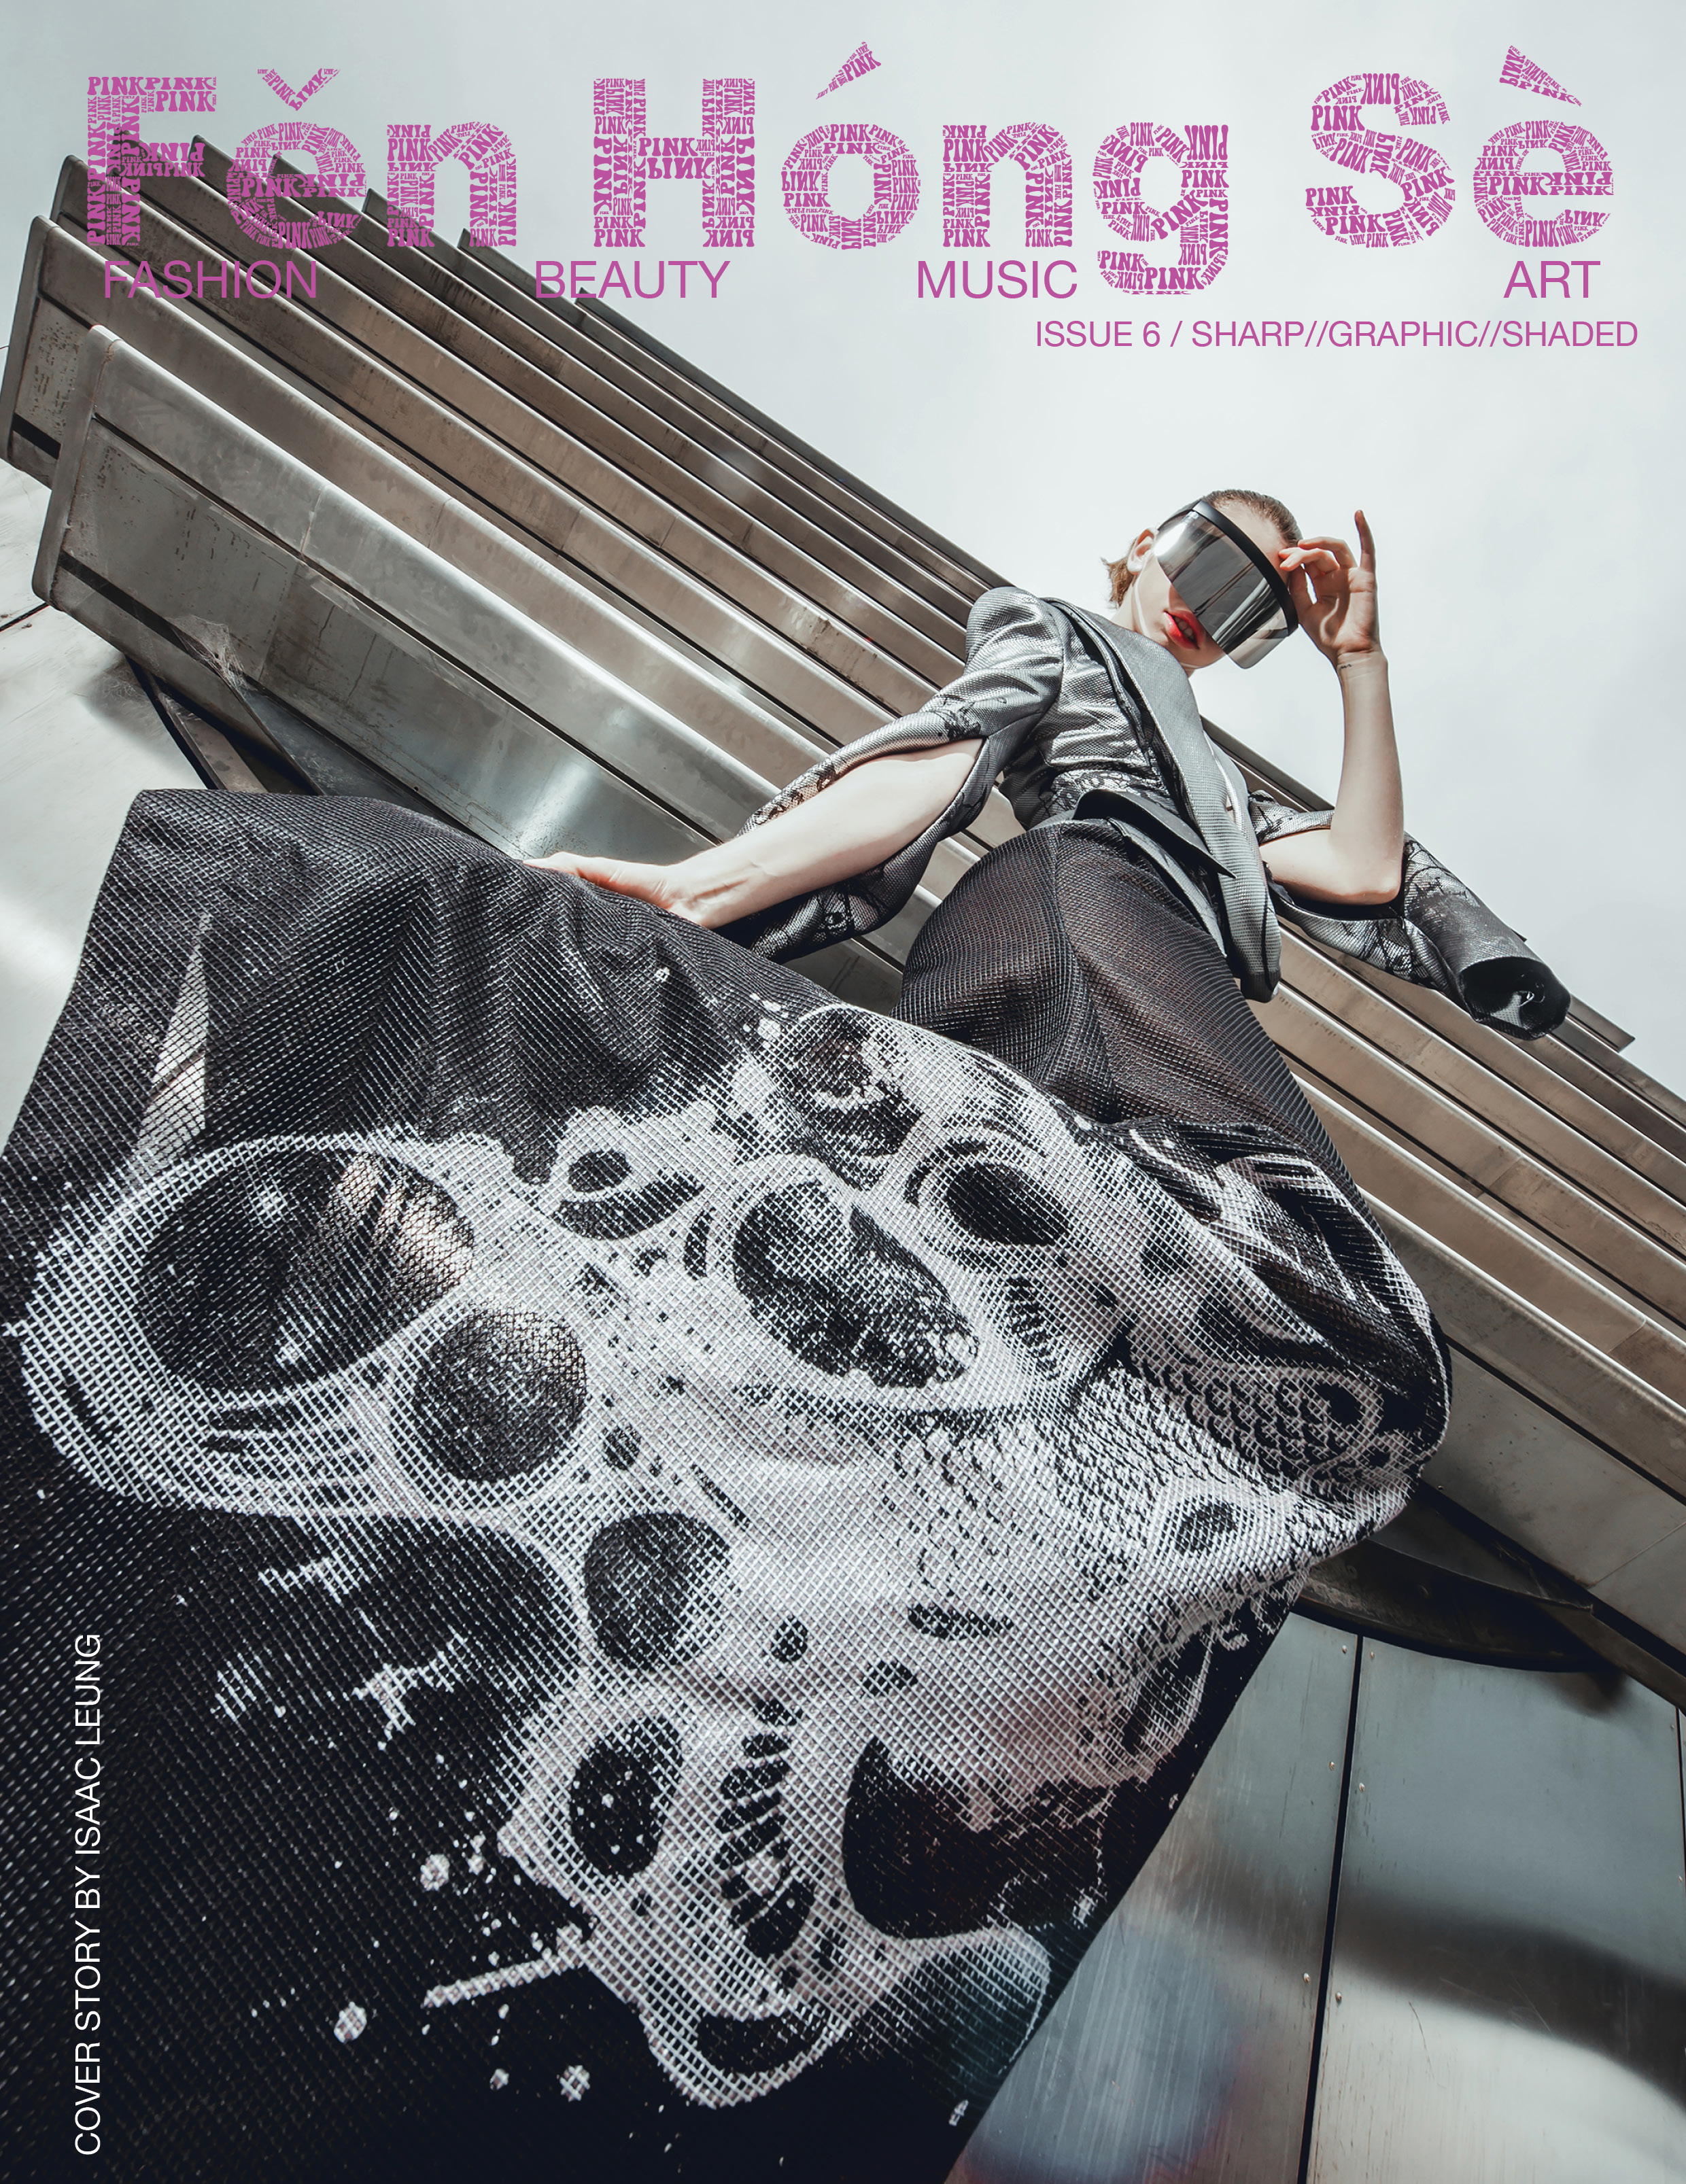 Fên Ho4ng Sè Magazine_Issue 6_Tear Sheets.jpg